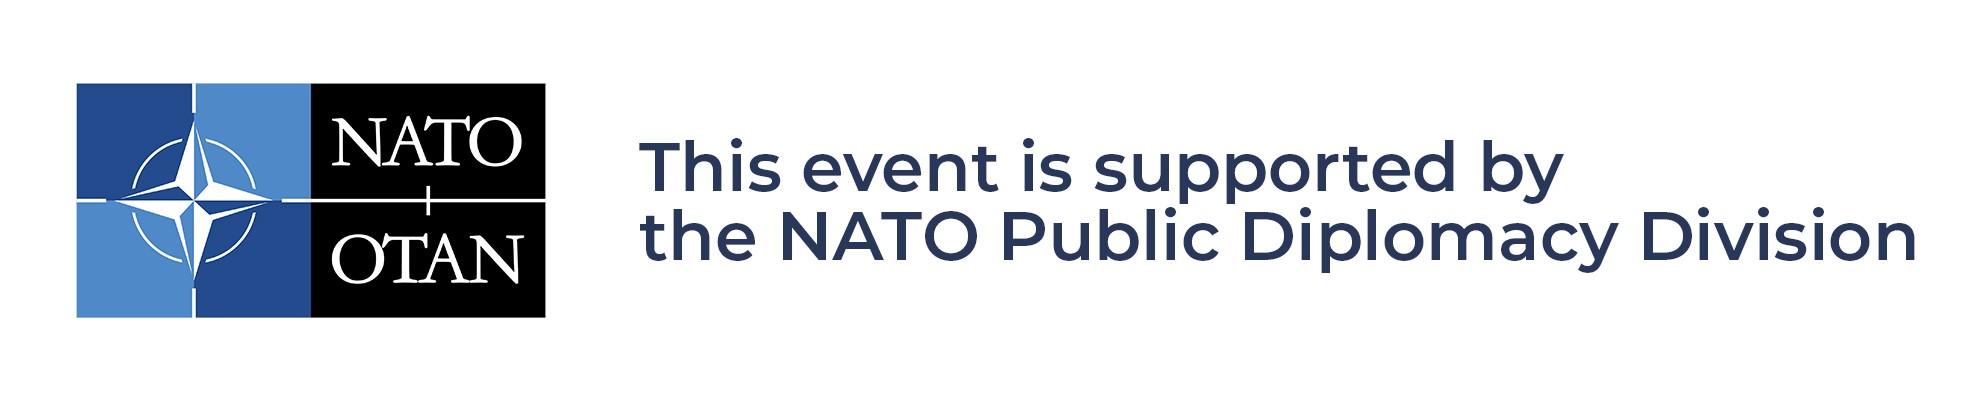 NATO PDD Branding